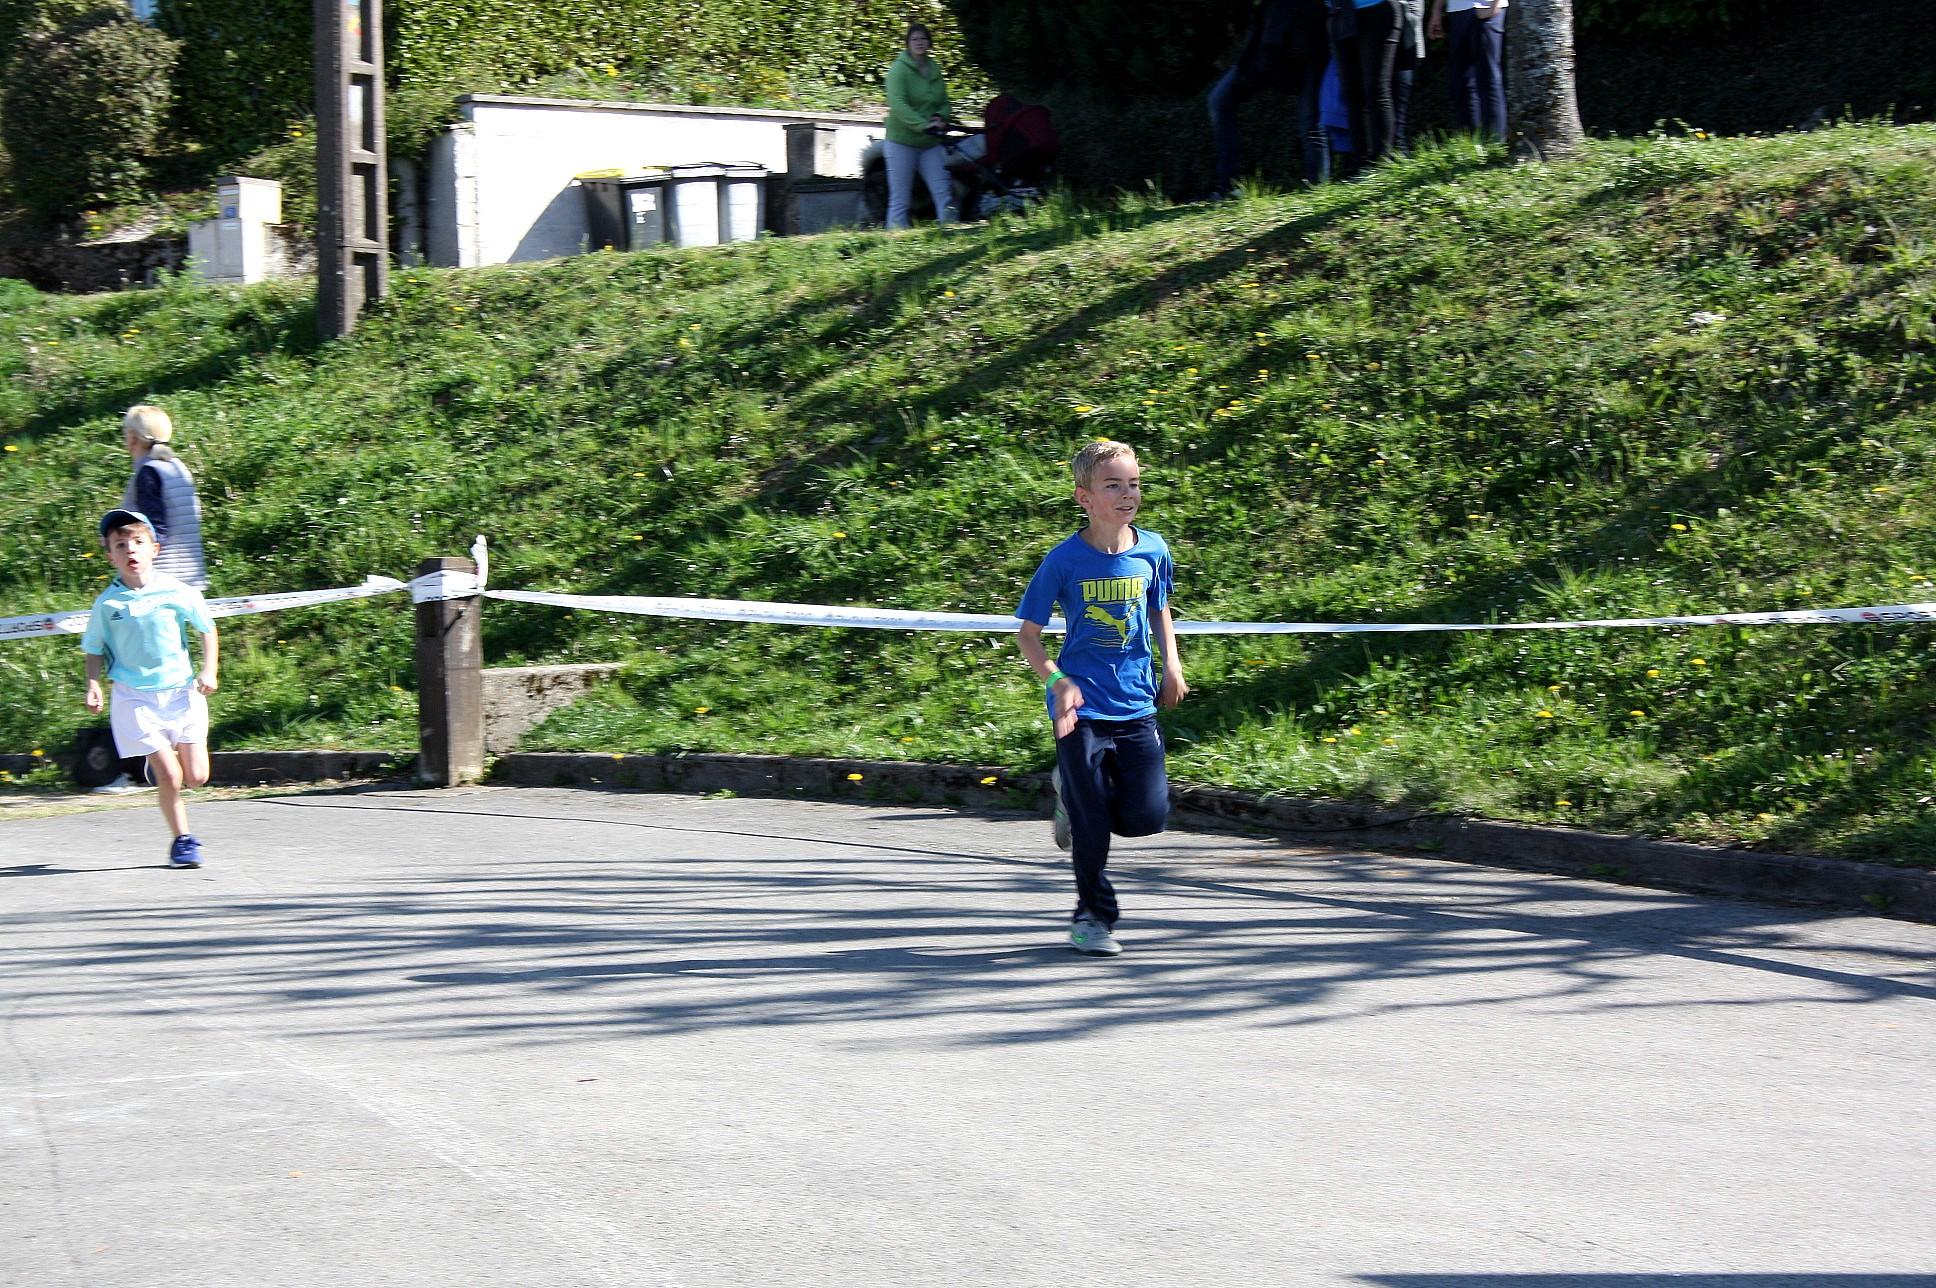 2017-04-09 - Trail-Montfaucon-Juliette (206)